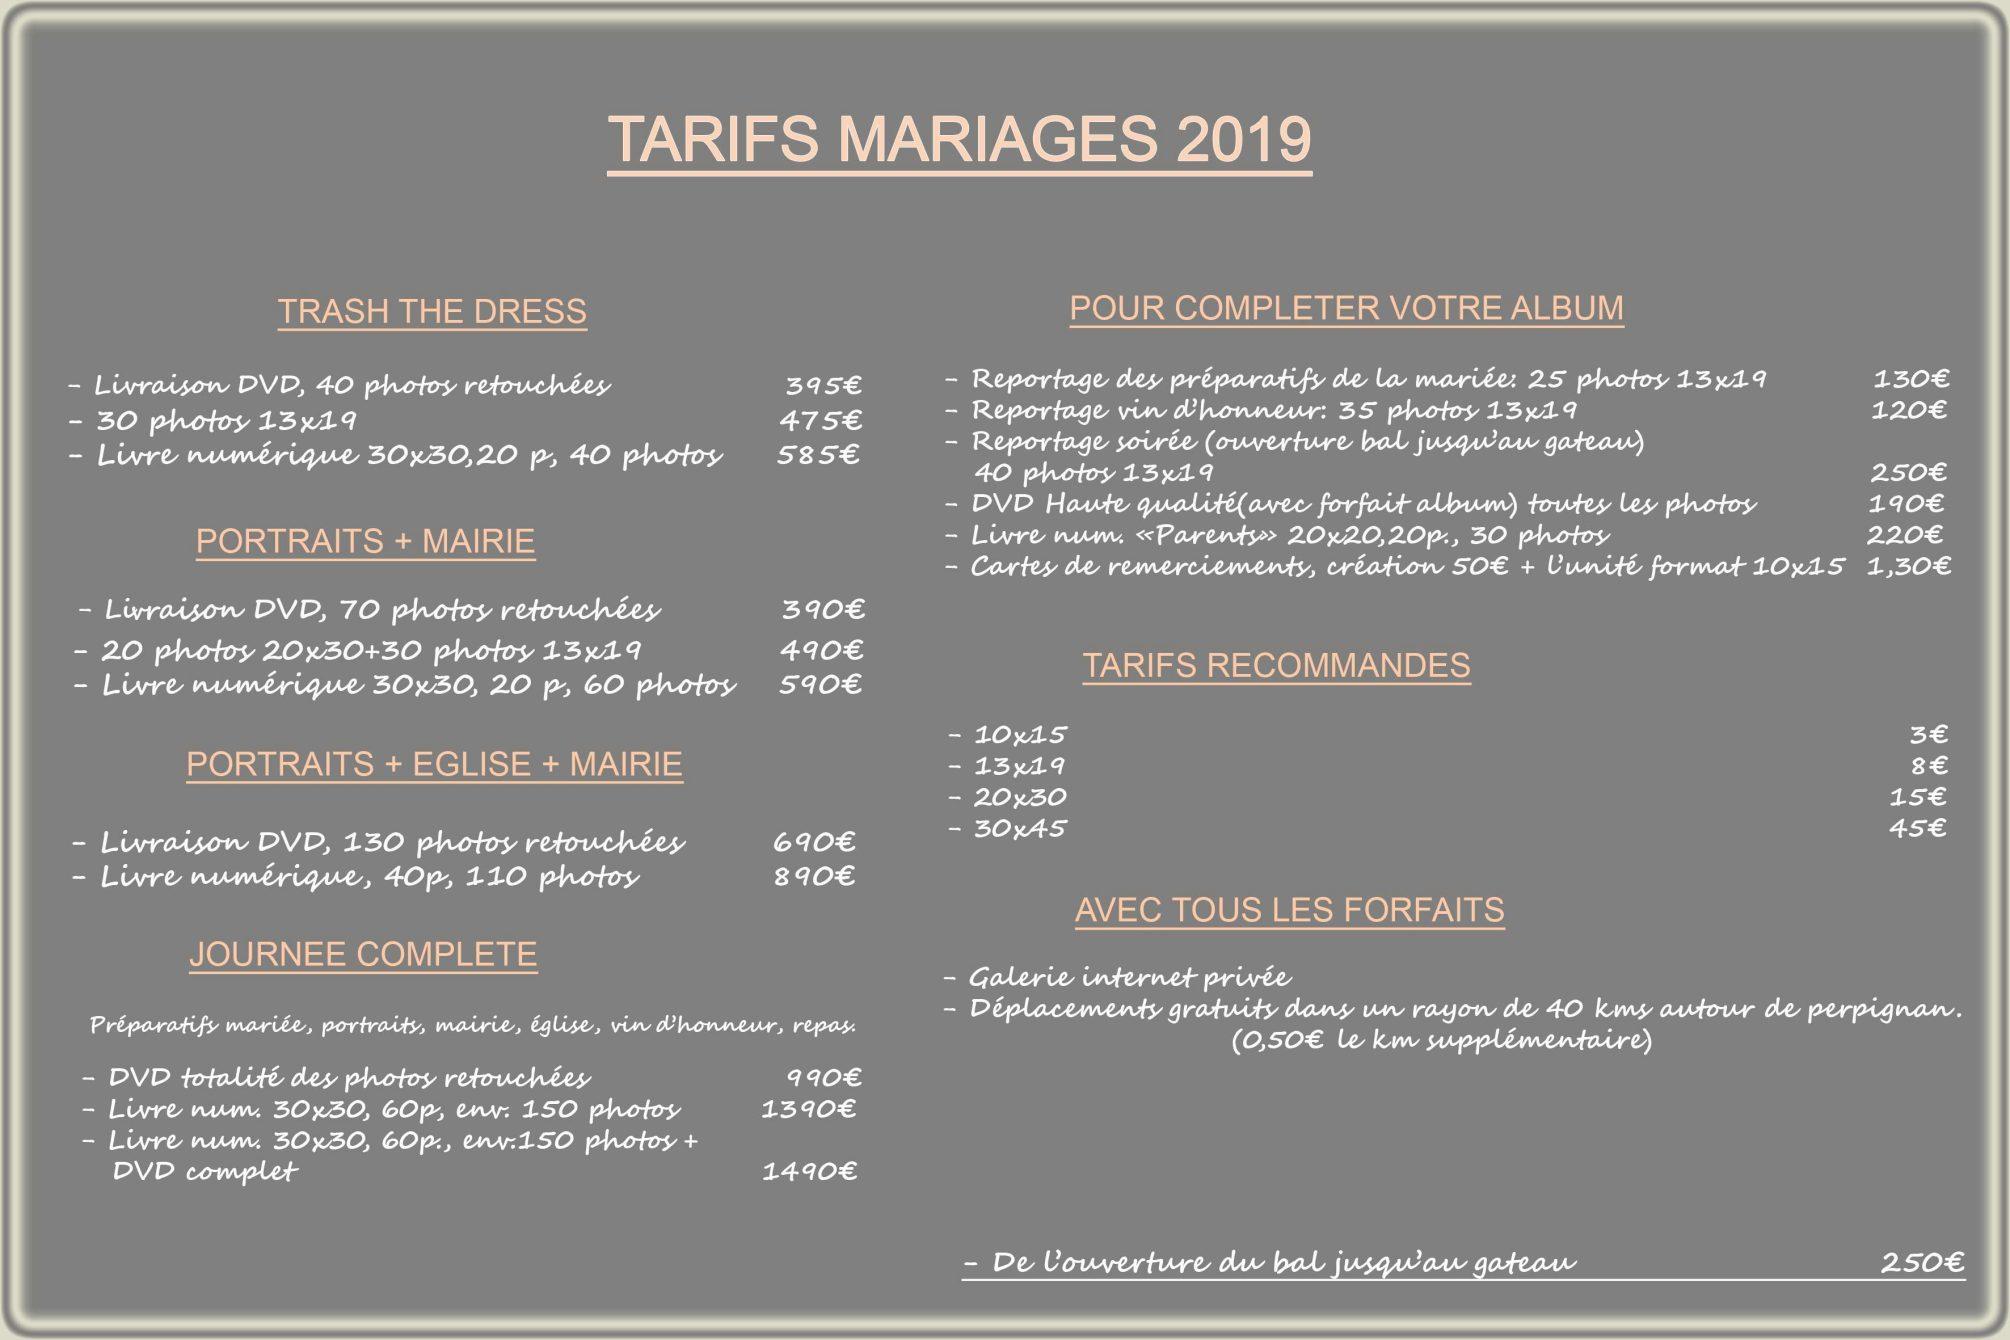 tarifs mariages art i declic reportages-photo-66/photographe-de-mariage-66-perpignan/